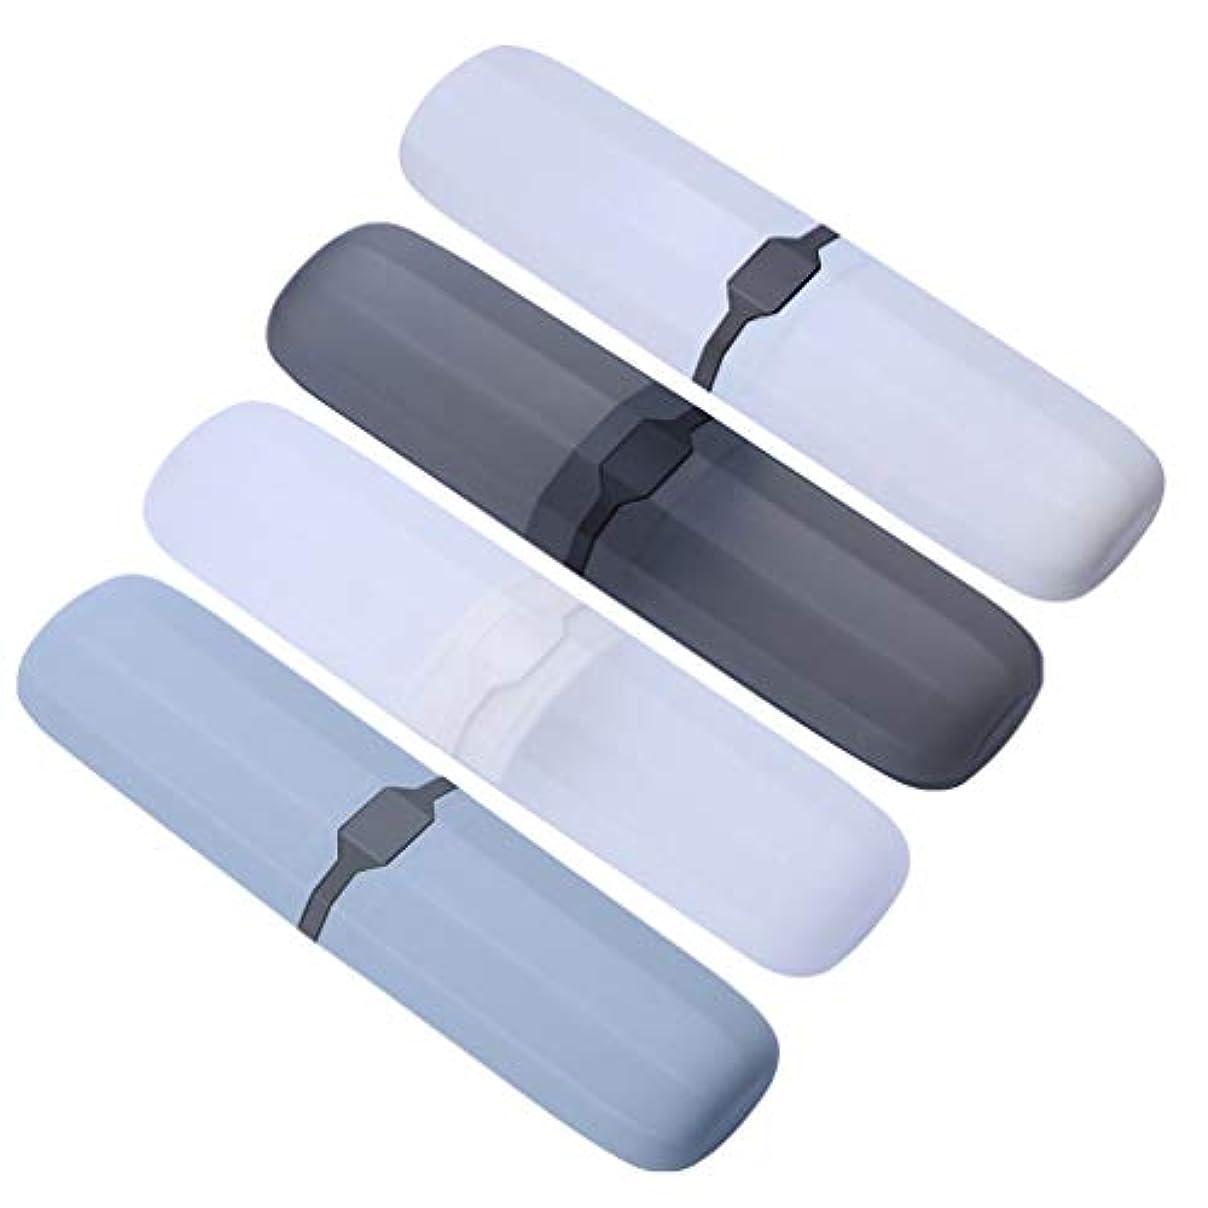 実験化学者甘くするHealifty Toothbrush Case Portable Toothpaste Storage Box for Travel 4PCS